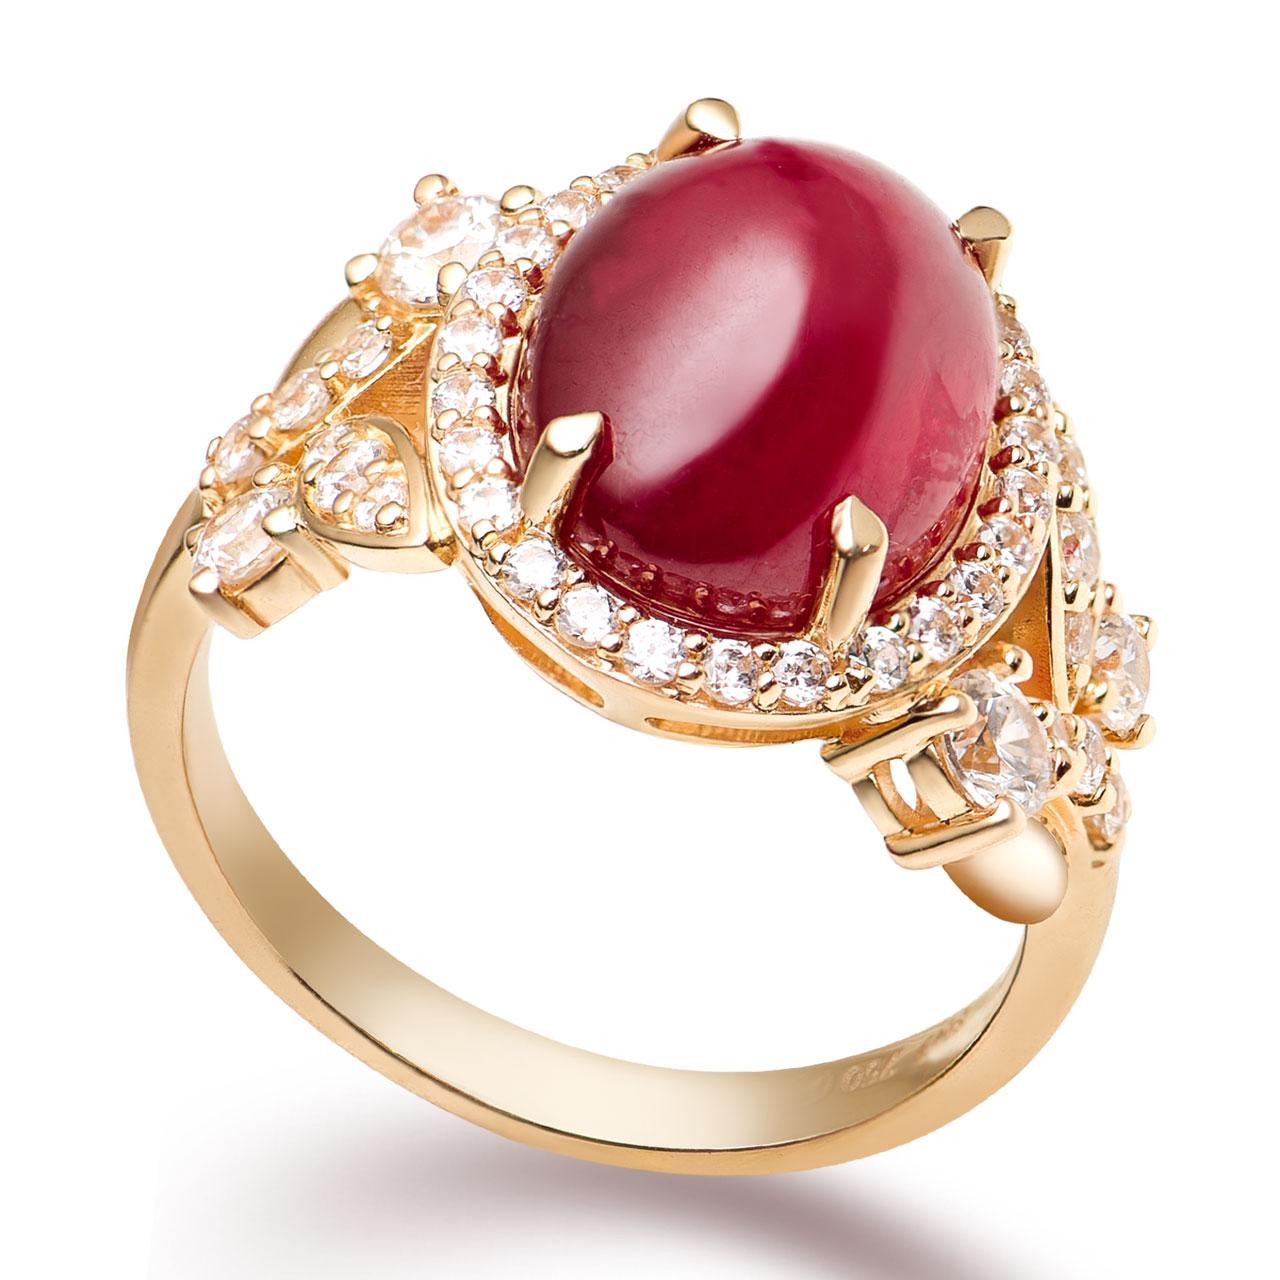 Nhẫn PNJ vàng 18K đính đá Ruby 78247.600 - 3827515 , GNDRYB78247_600 , 274_GNDRYB78247_600_14 , 18891000 , Nhan-PNJ-vang-18K-dinh-da-Ruby-78247.600-274_GNDRYB78247_600_14 , pnj.com.vn , Nhẫn PNJ vàng 18K đính đá Ruby 78247.600